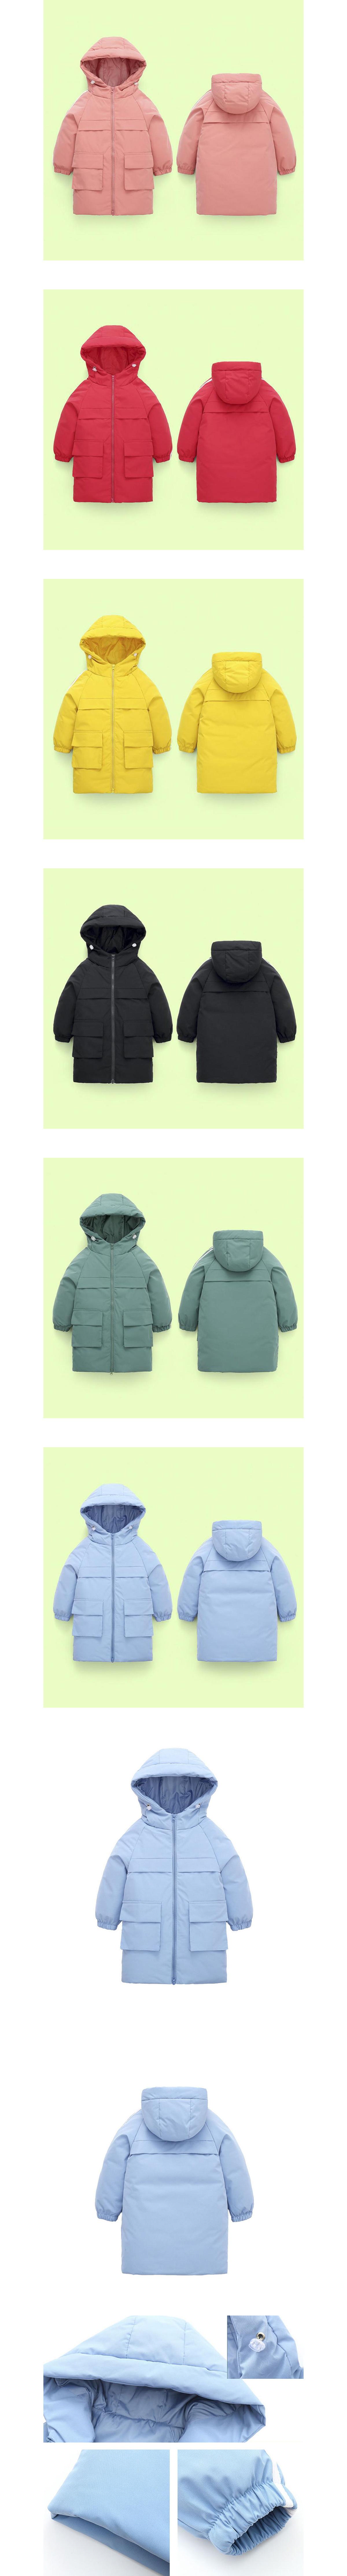 兒童韓系中長款加厚內鋪棉連帽外套